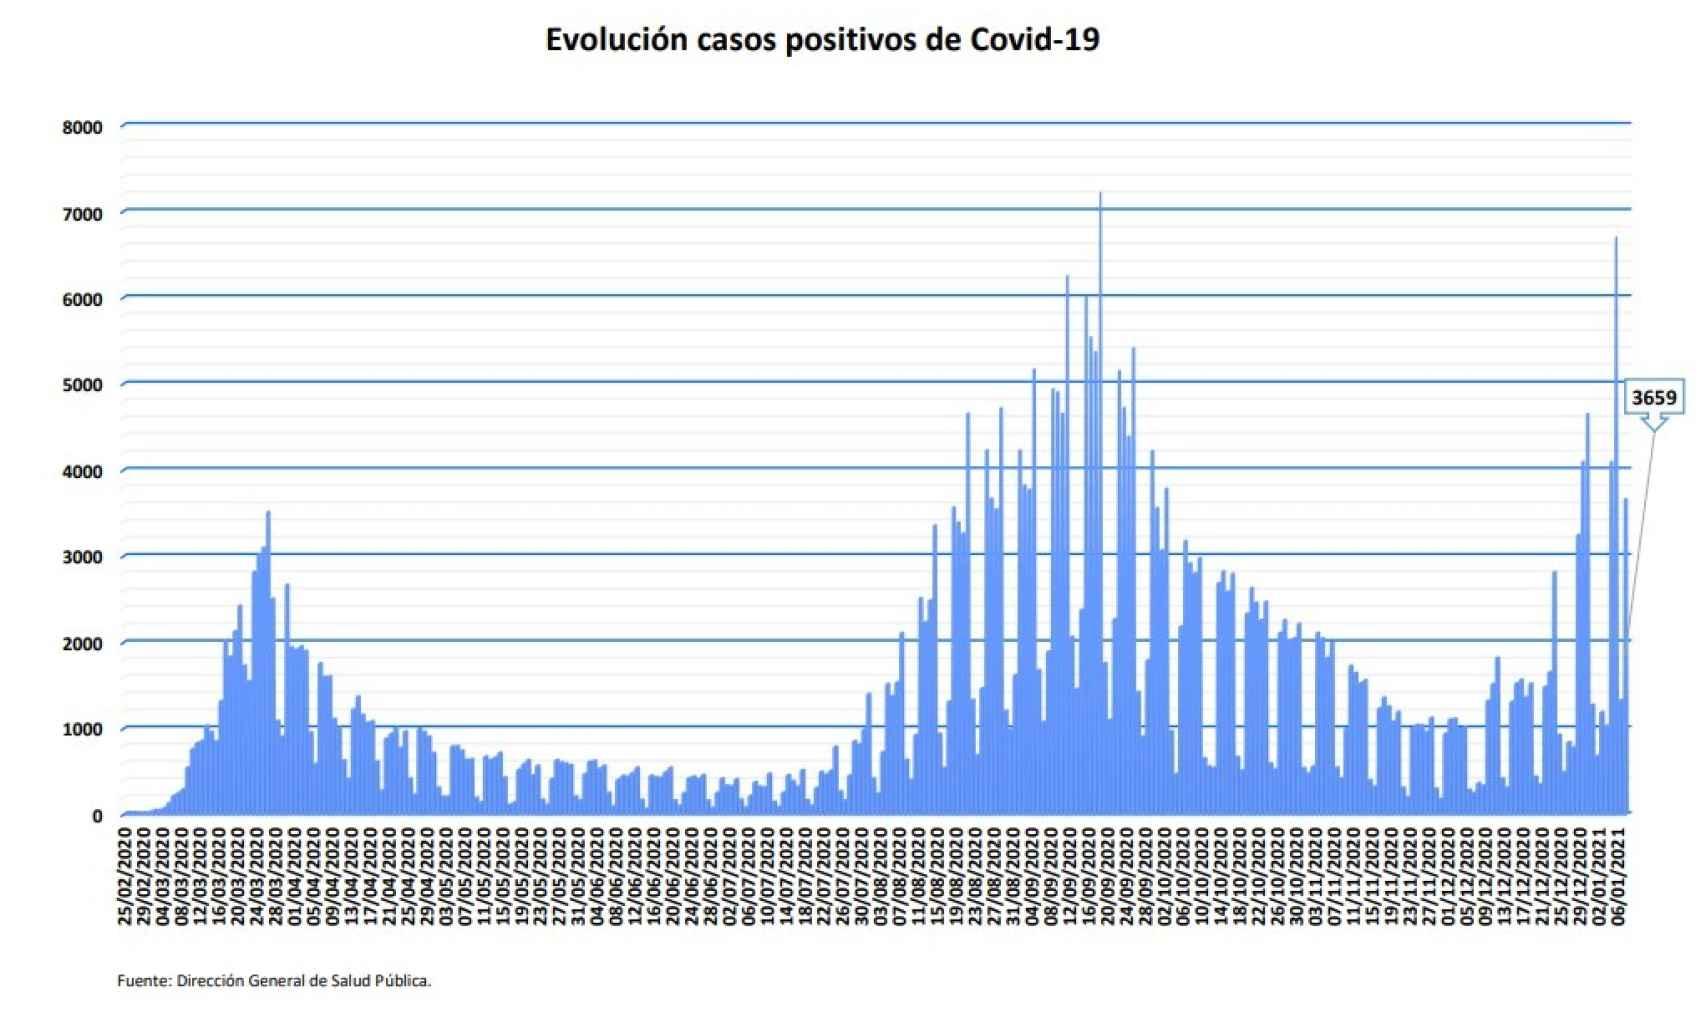 Evolución casos positivos de Covid-19 en Madrid.